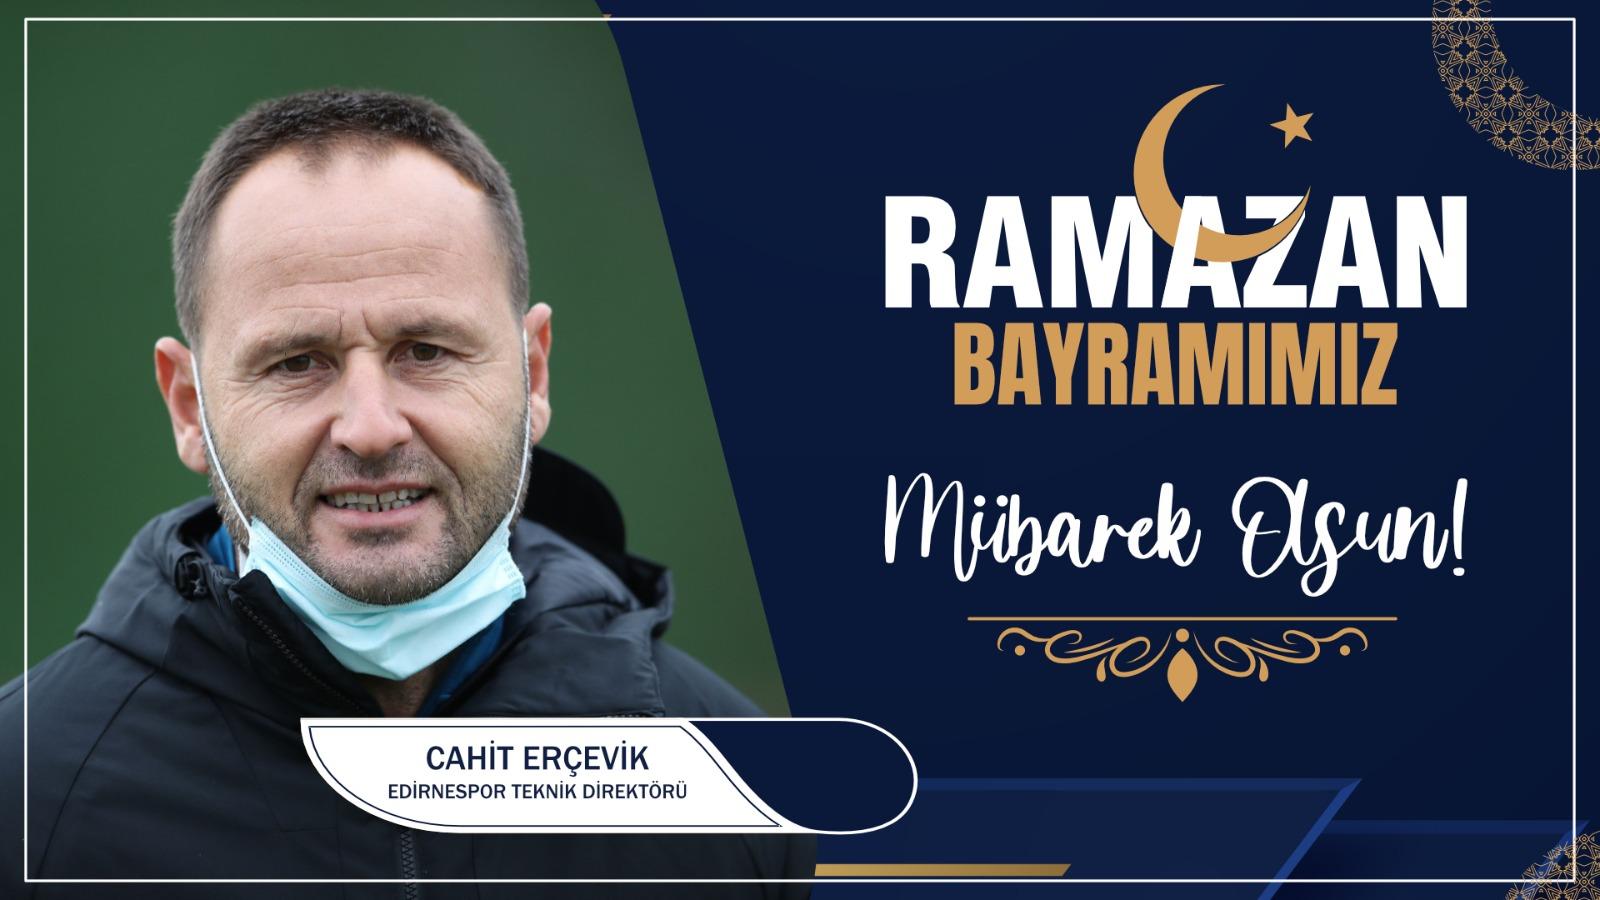 Cahit Erçevik'ten Ramazan Bayramı Kutlama Mesajı